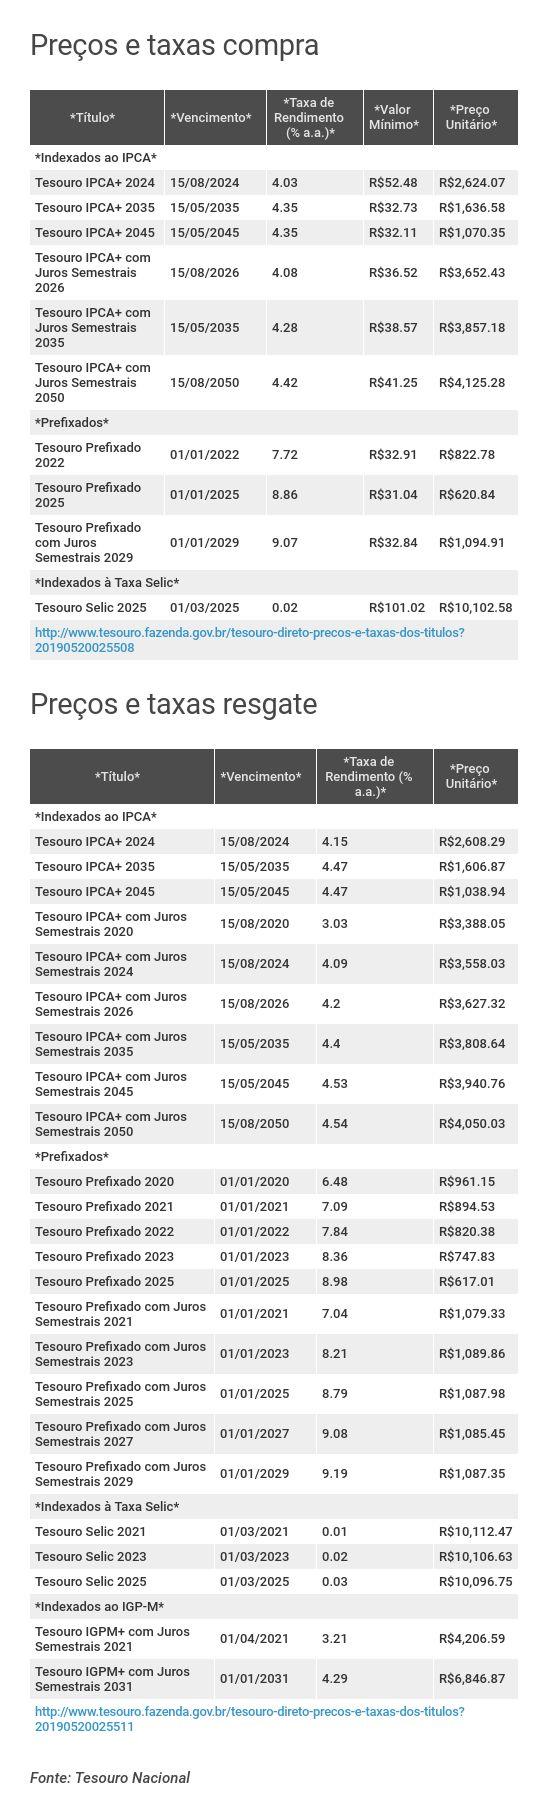 Preços e taxas do Tesouro Direto em 17 de maio de 2019 - fechamento